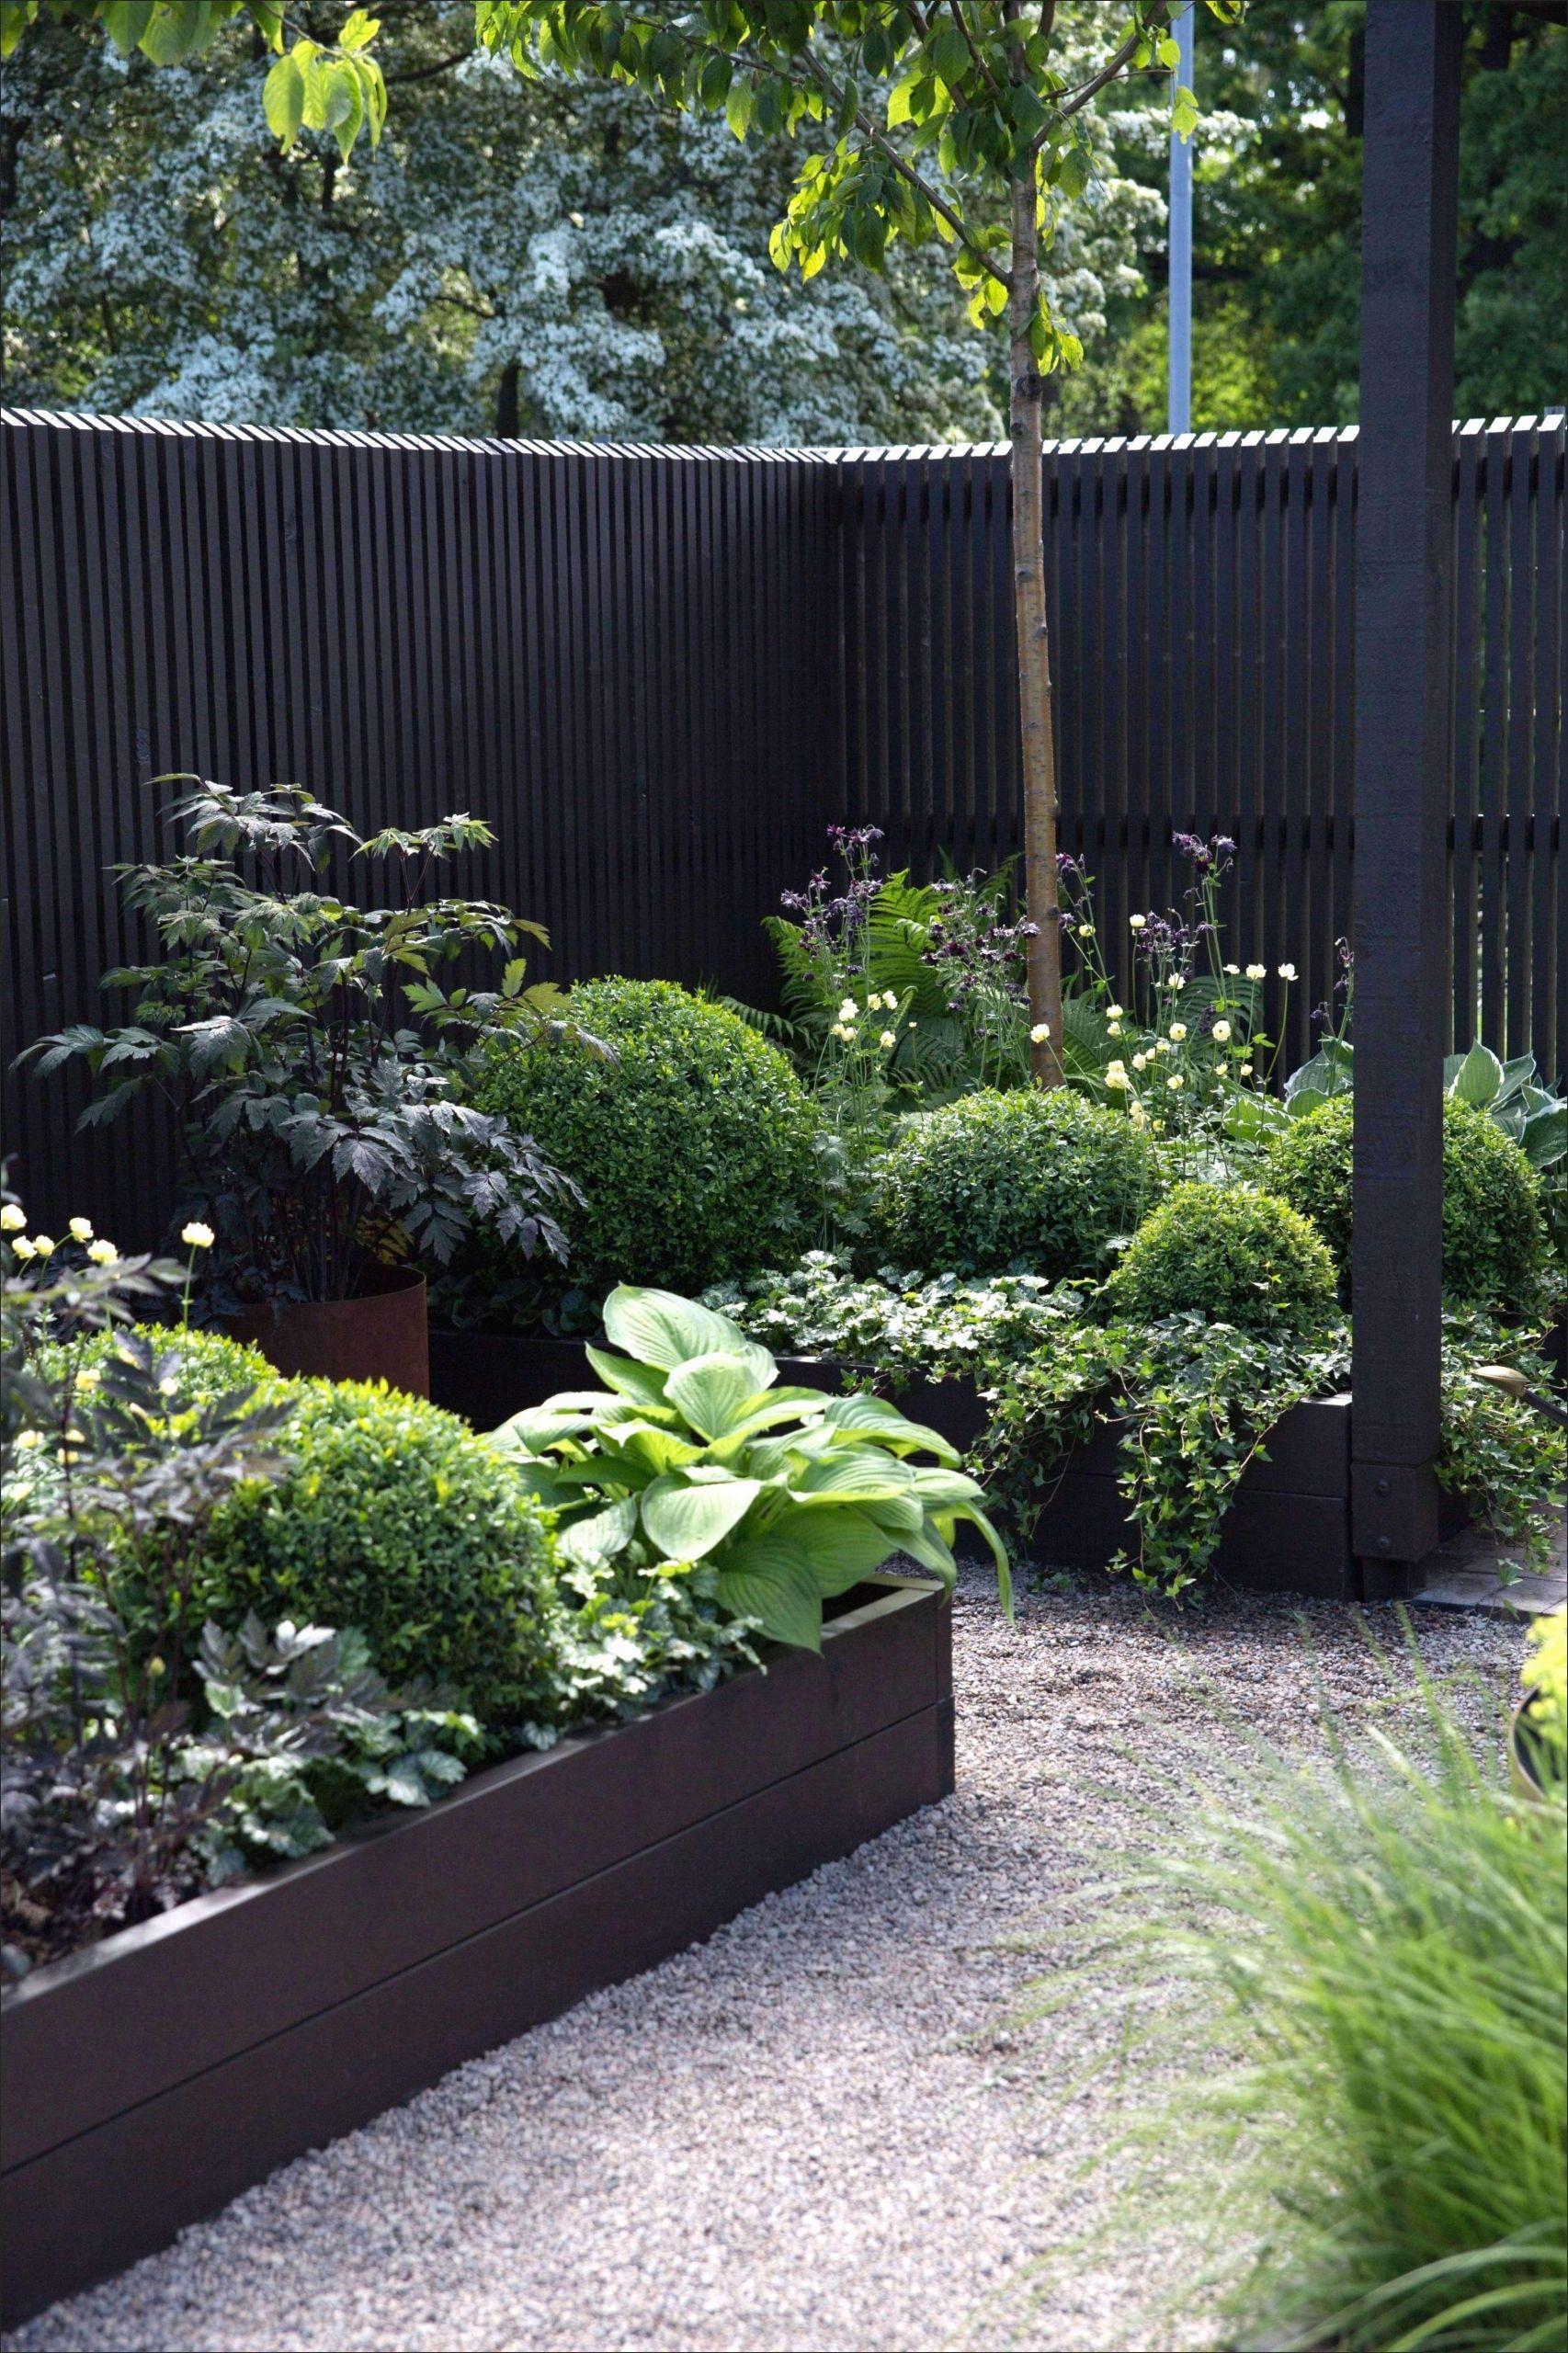 Origineller Sichtschutz Selber Machen Luxus 26 Inspirierend origineller Sichtschutz Garten Einzigartig